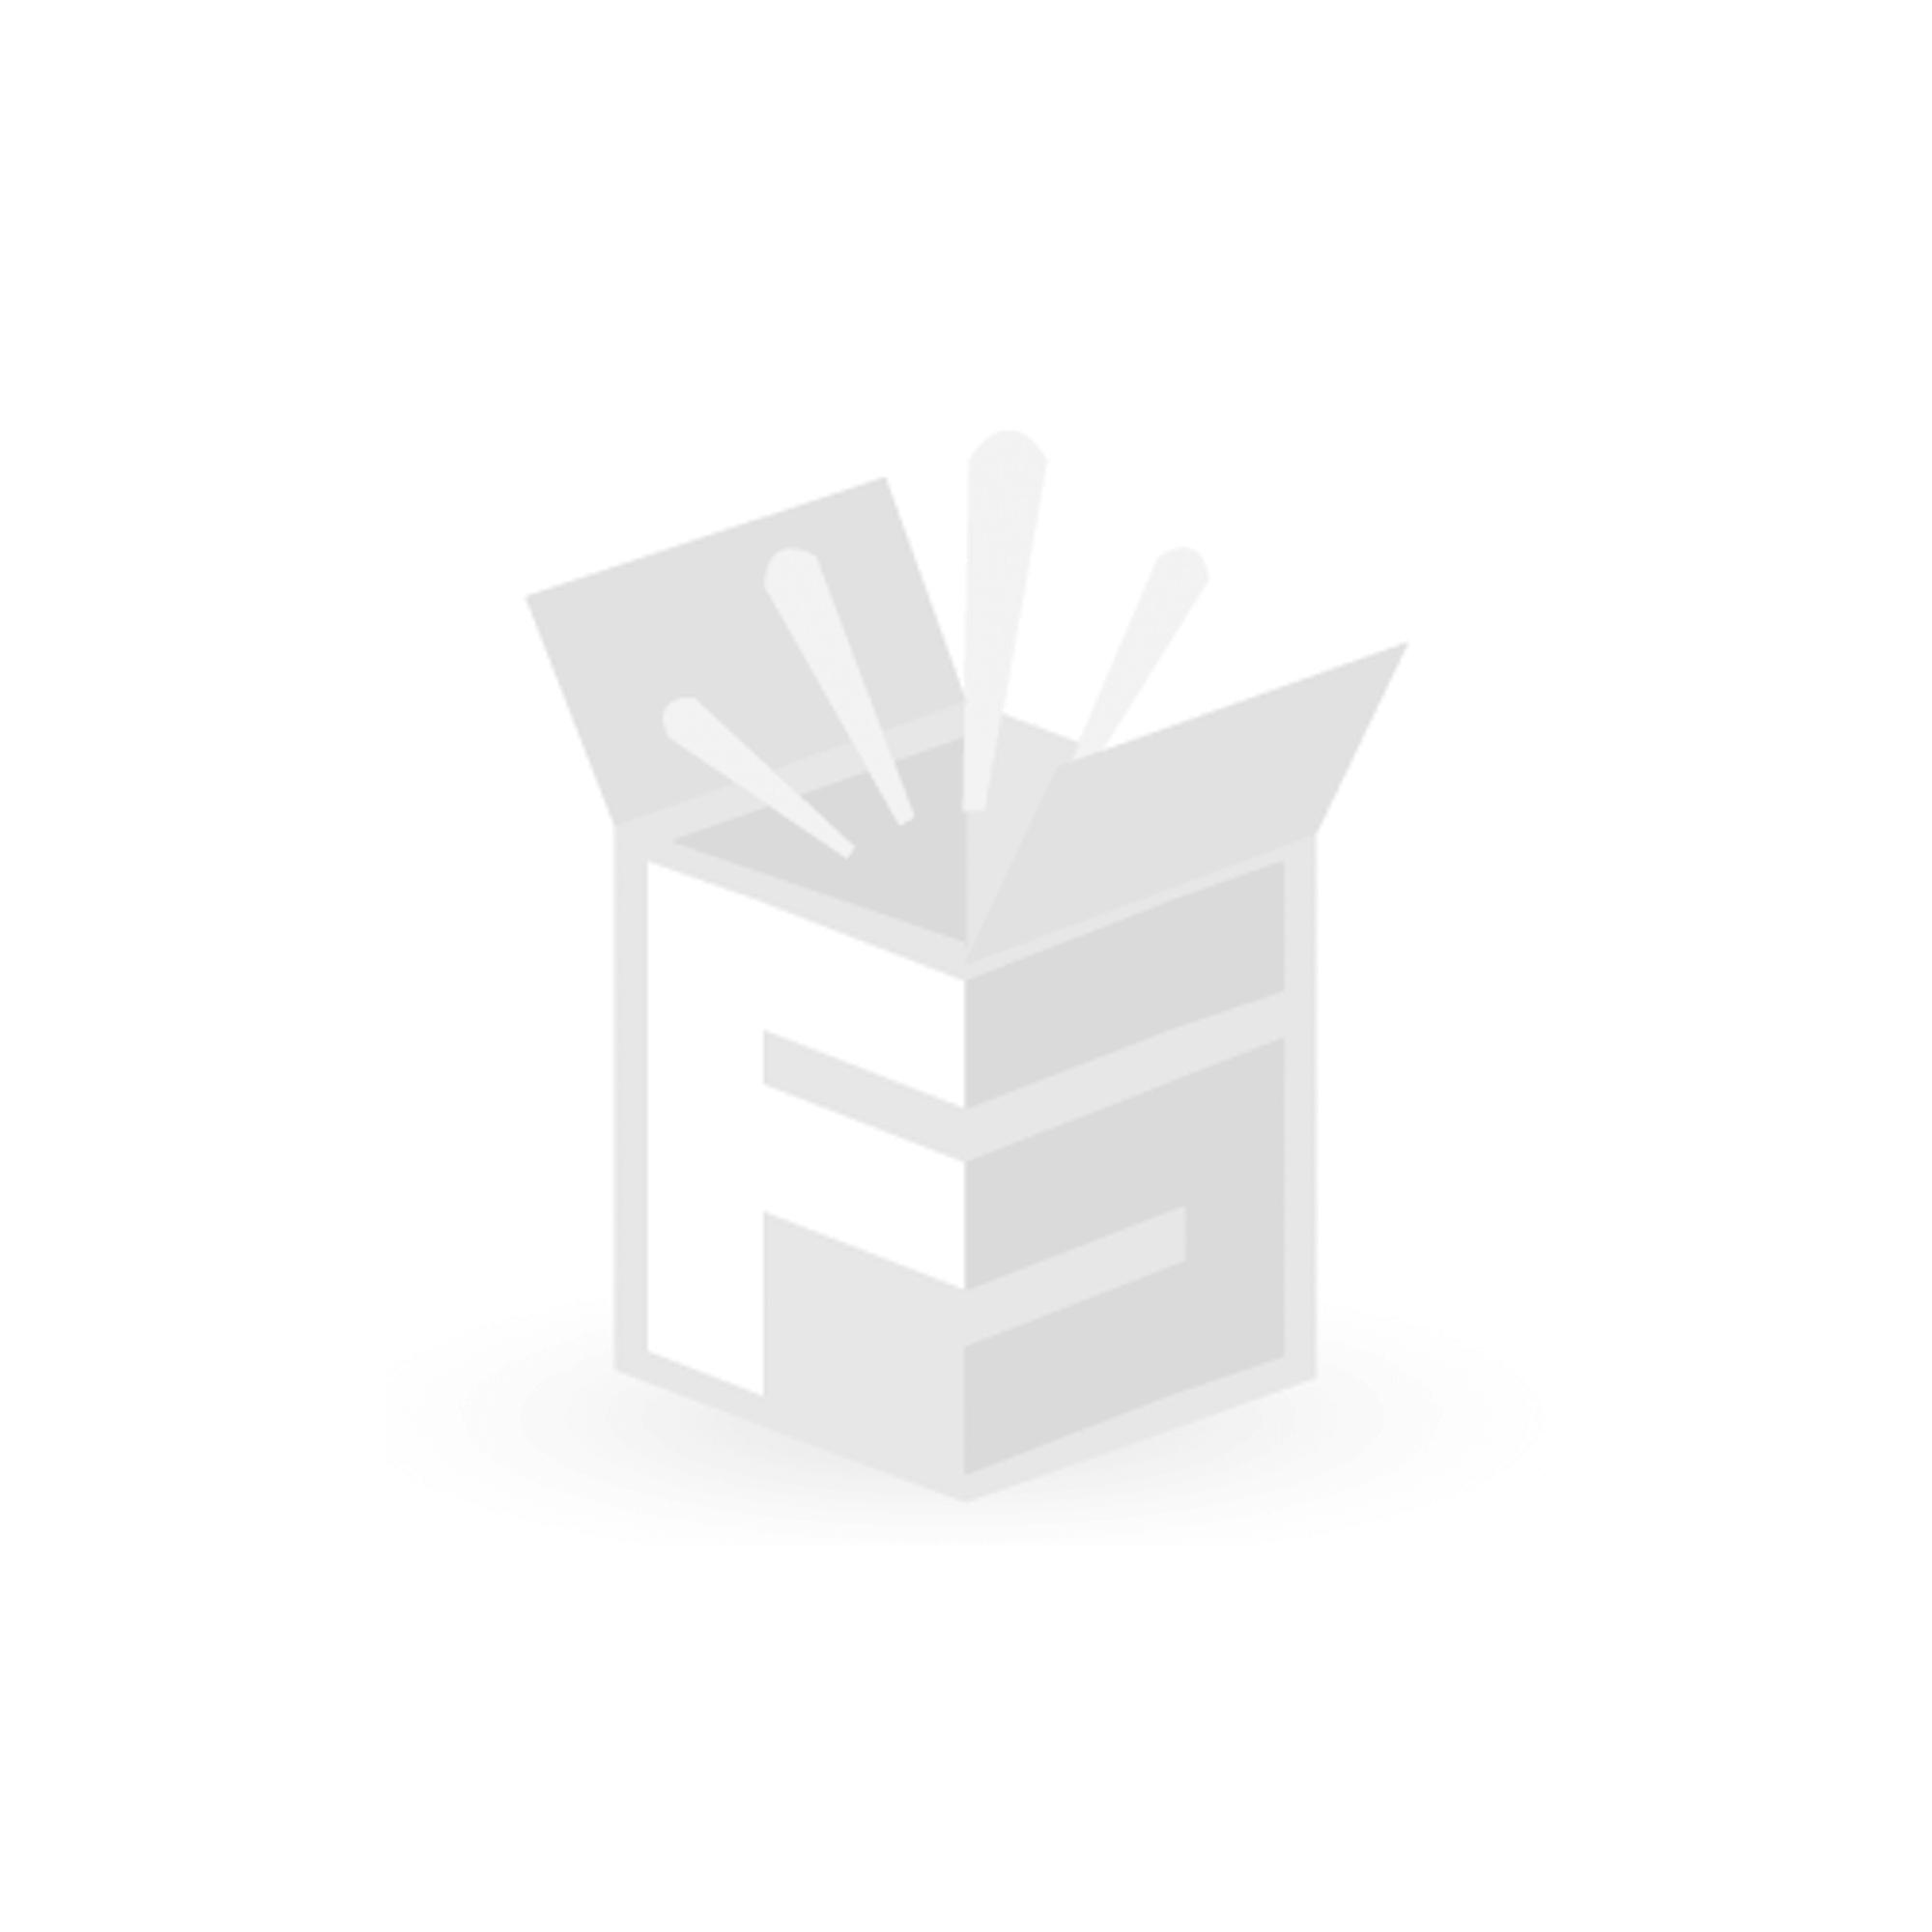 Kibernetik Werkzeugkasten 69-teilig, mit Schubladen